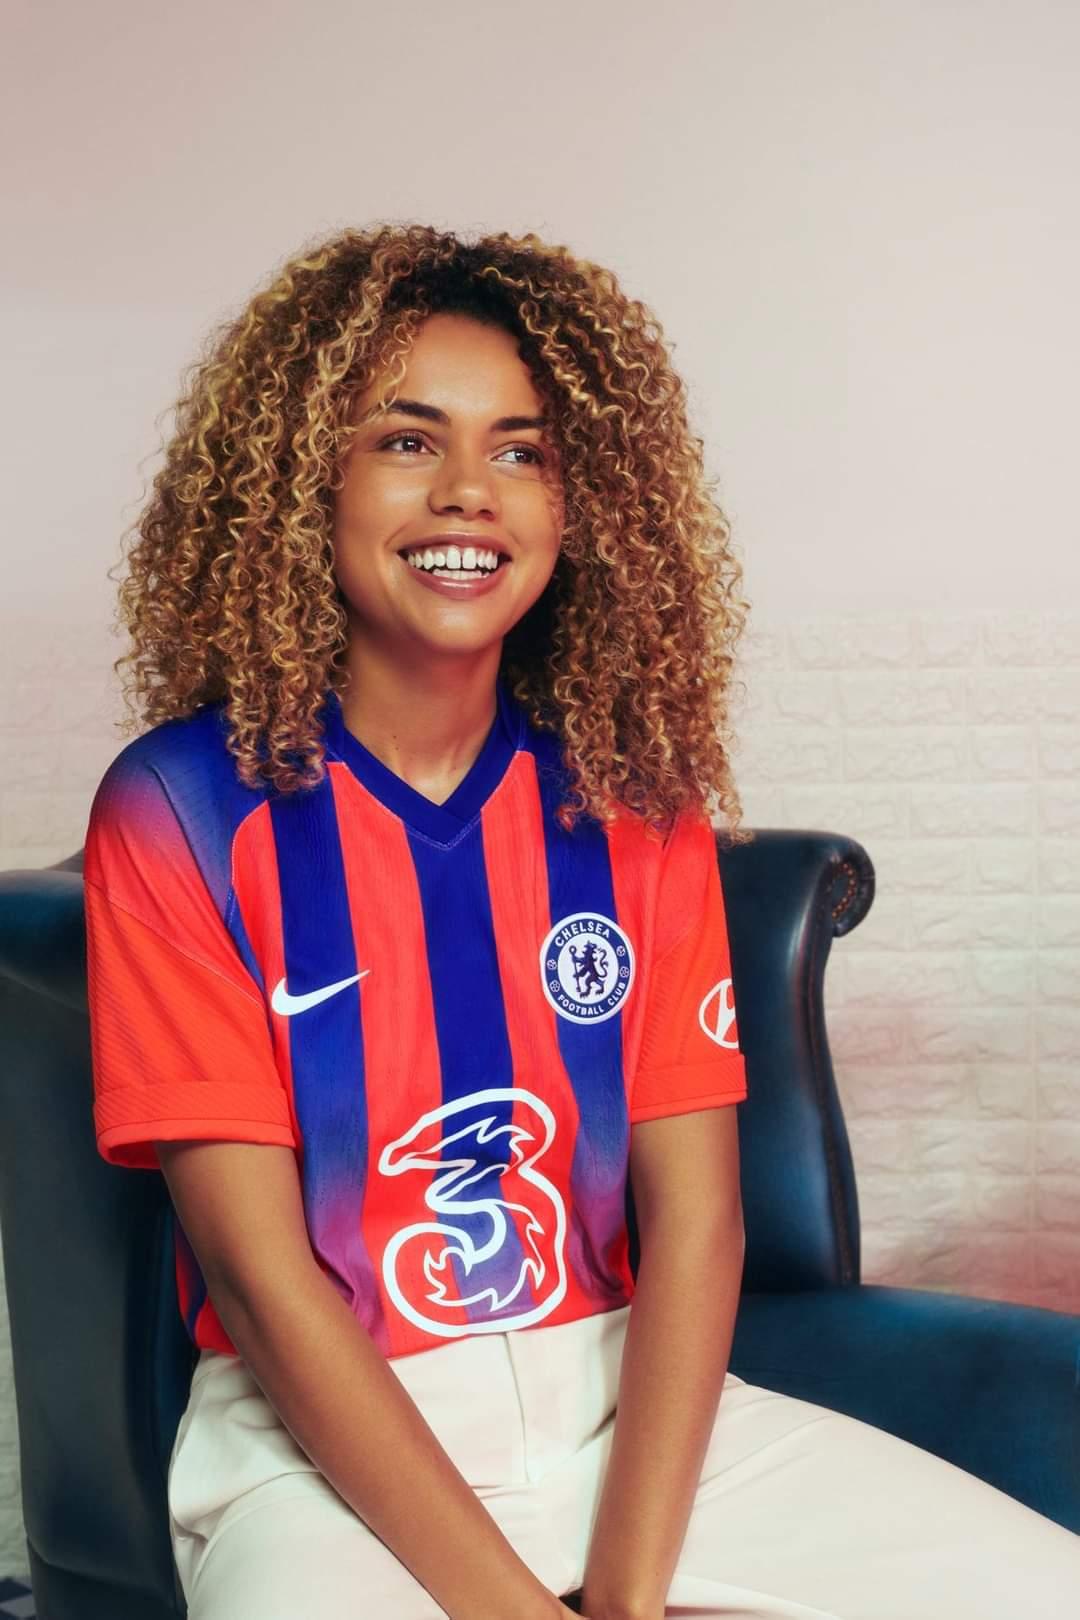 Chelsea new kit